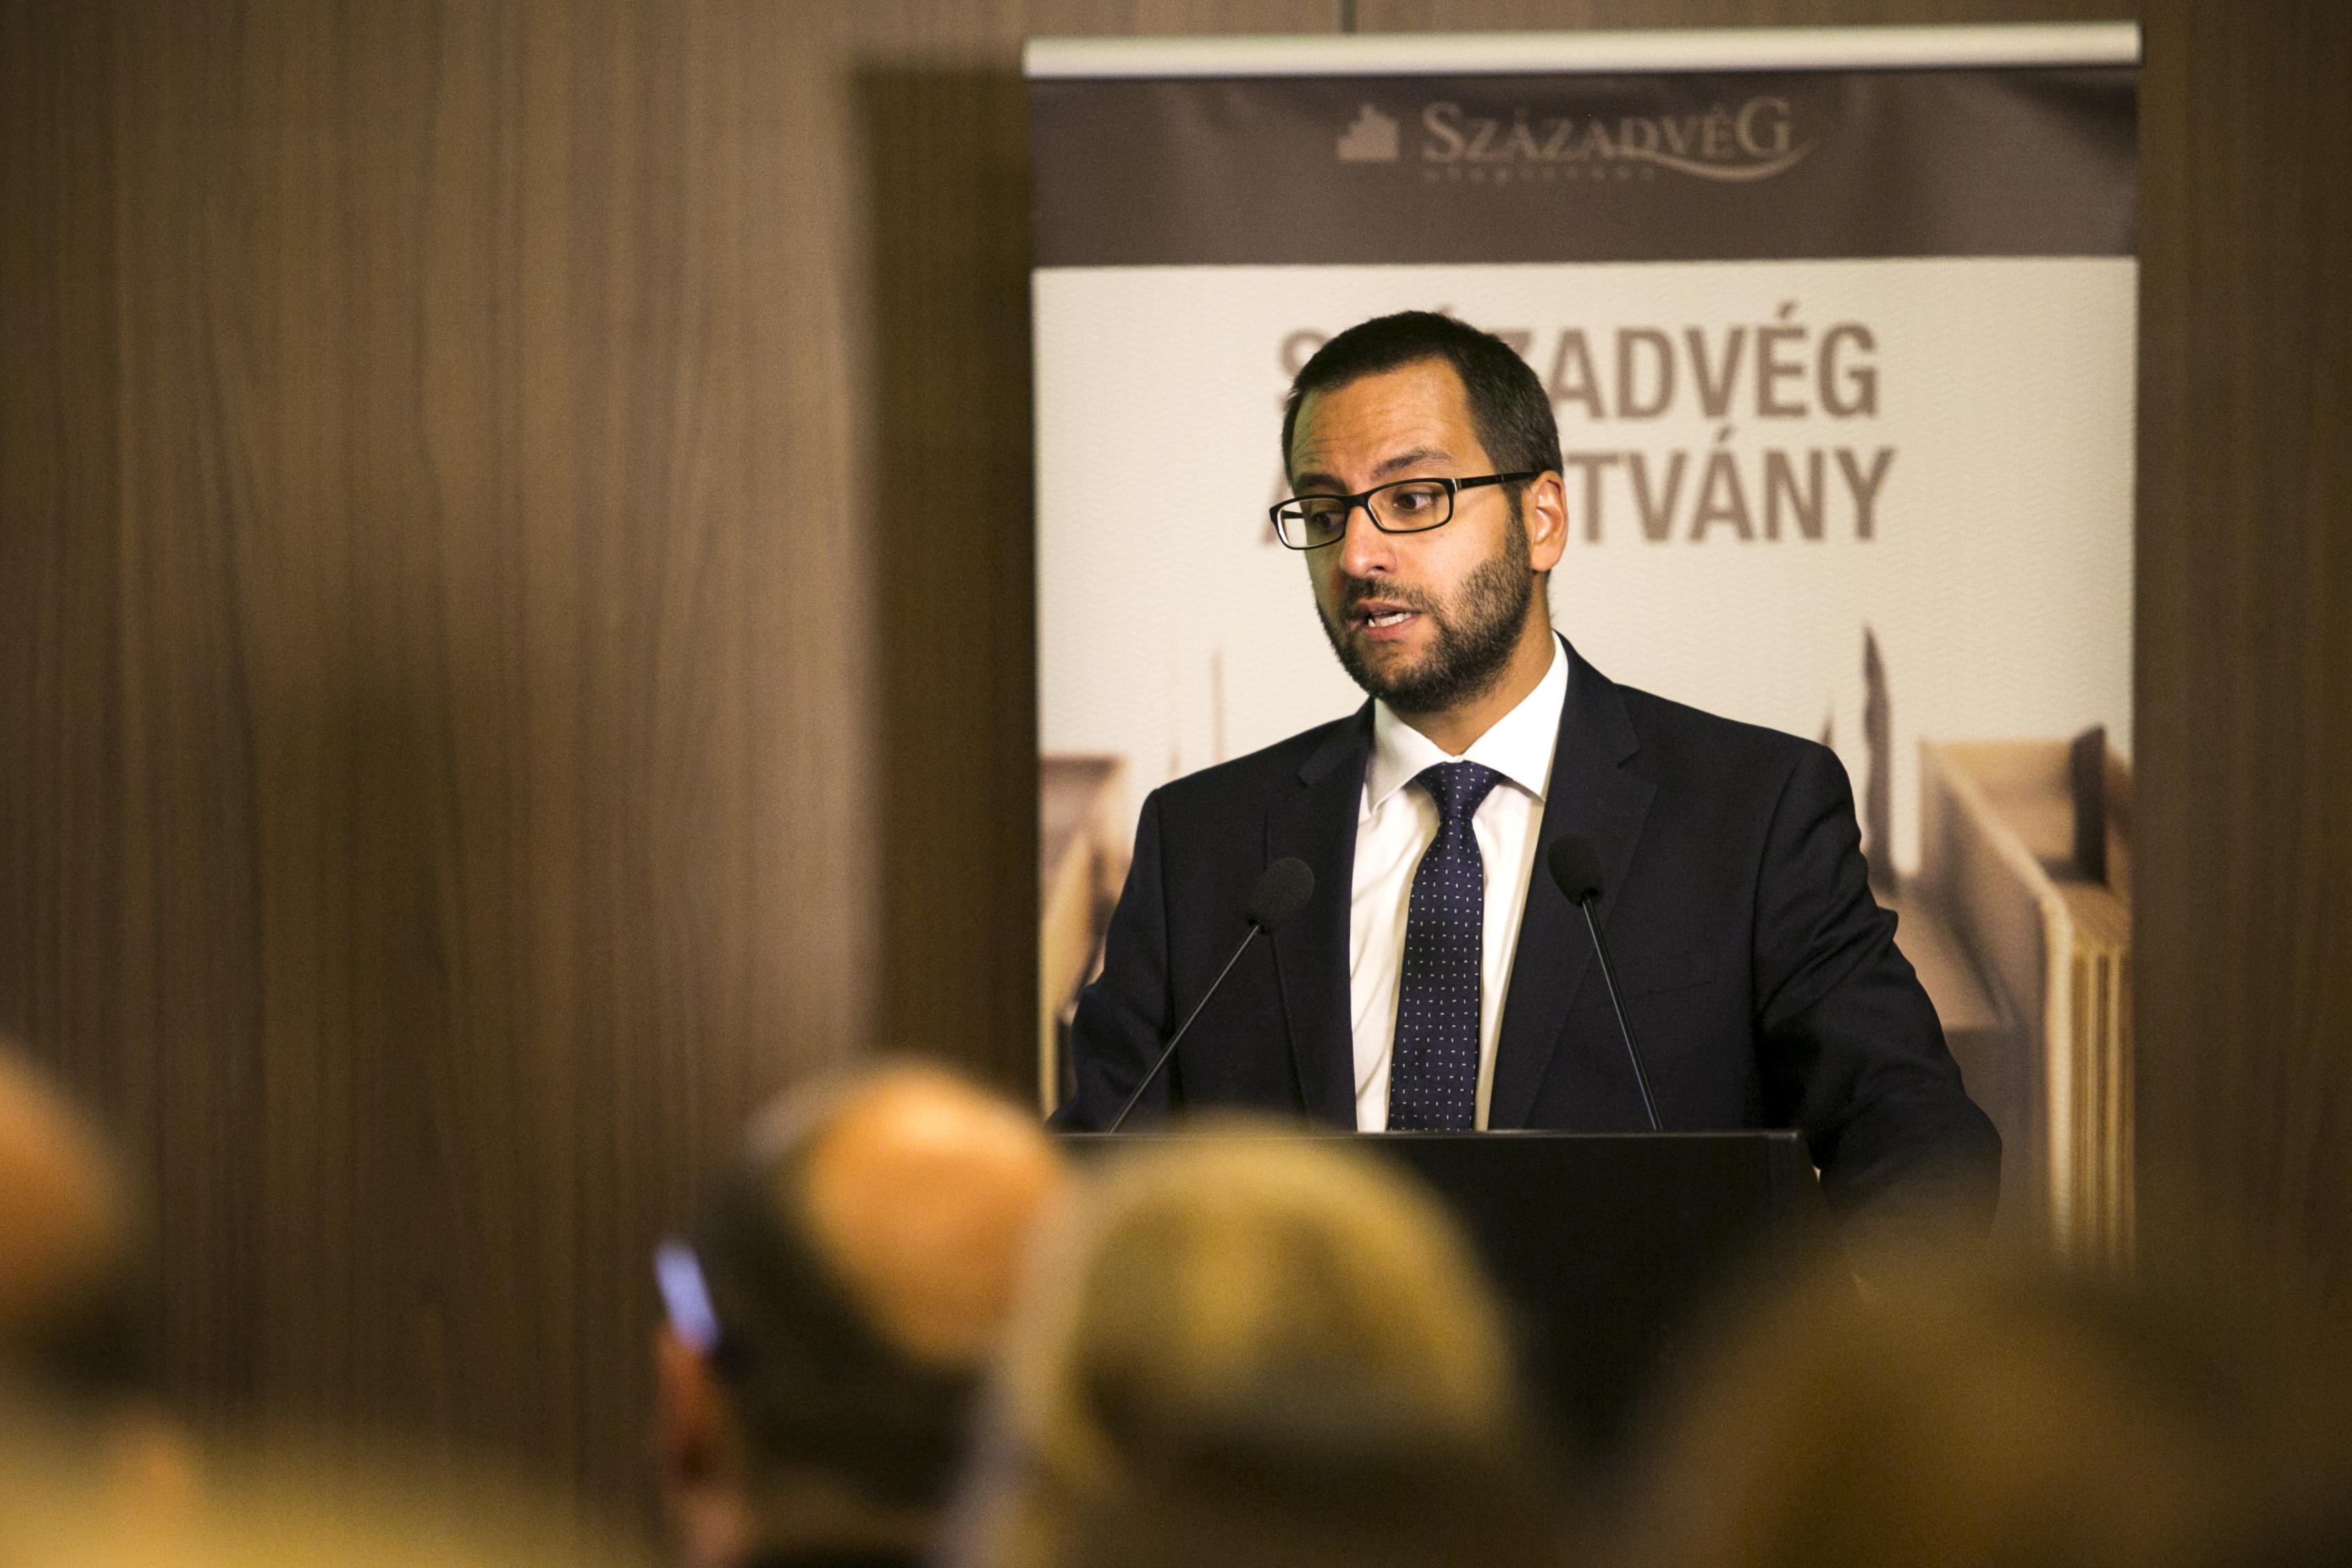 1,1 milliárdot kap a Századvég megkutatni, hogy mit gondolnak a migrációról Európában